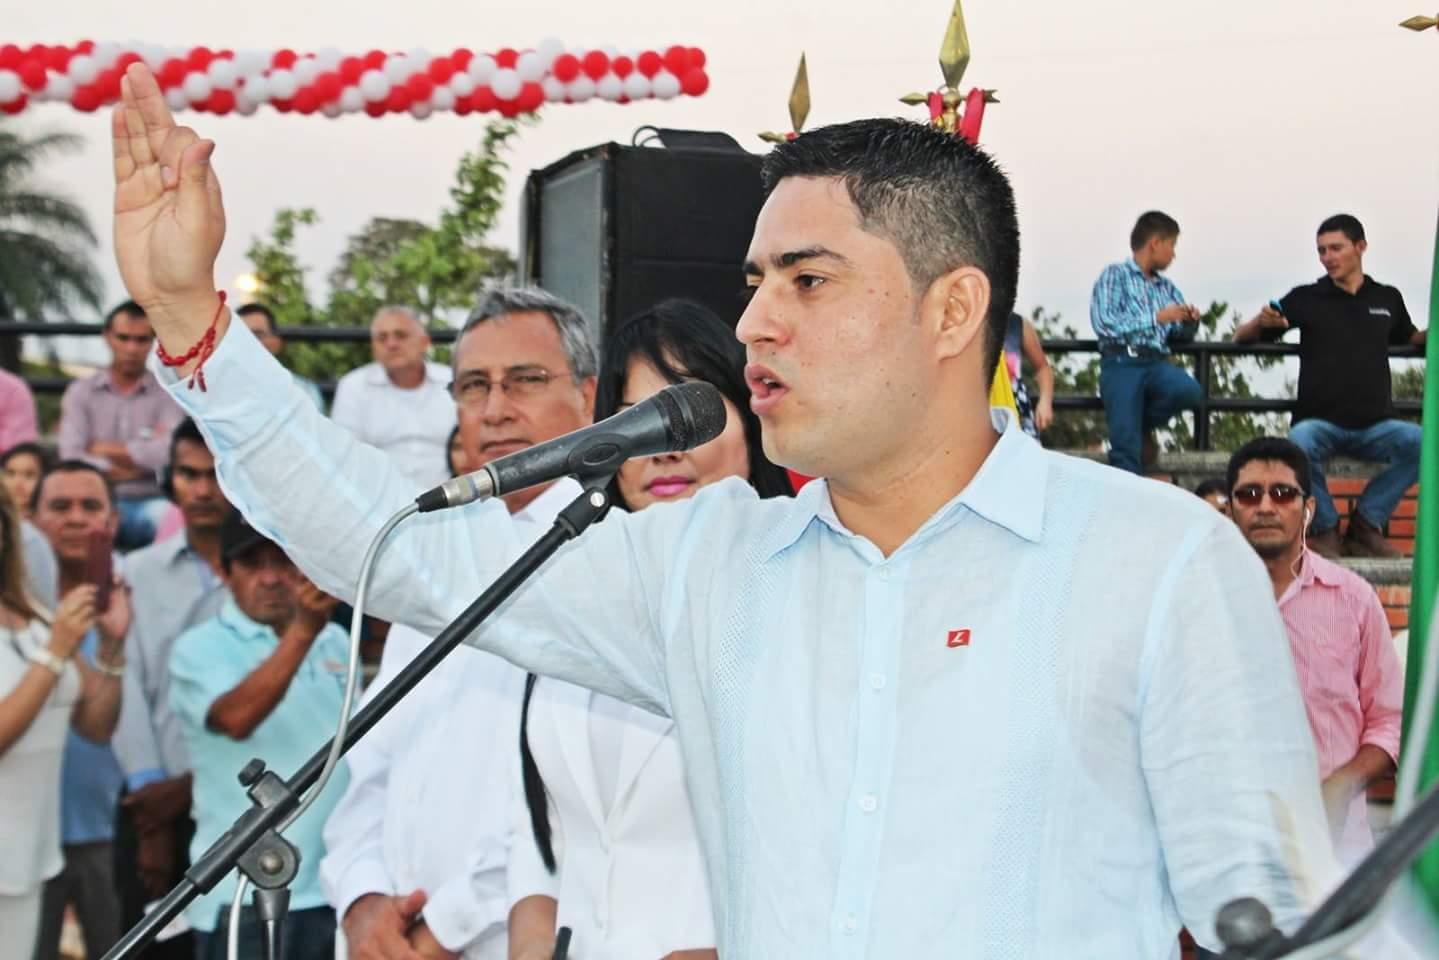 Alcalde de Tame habla de la demanda en su contra